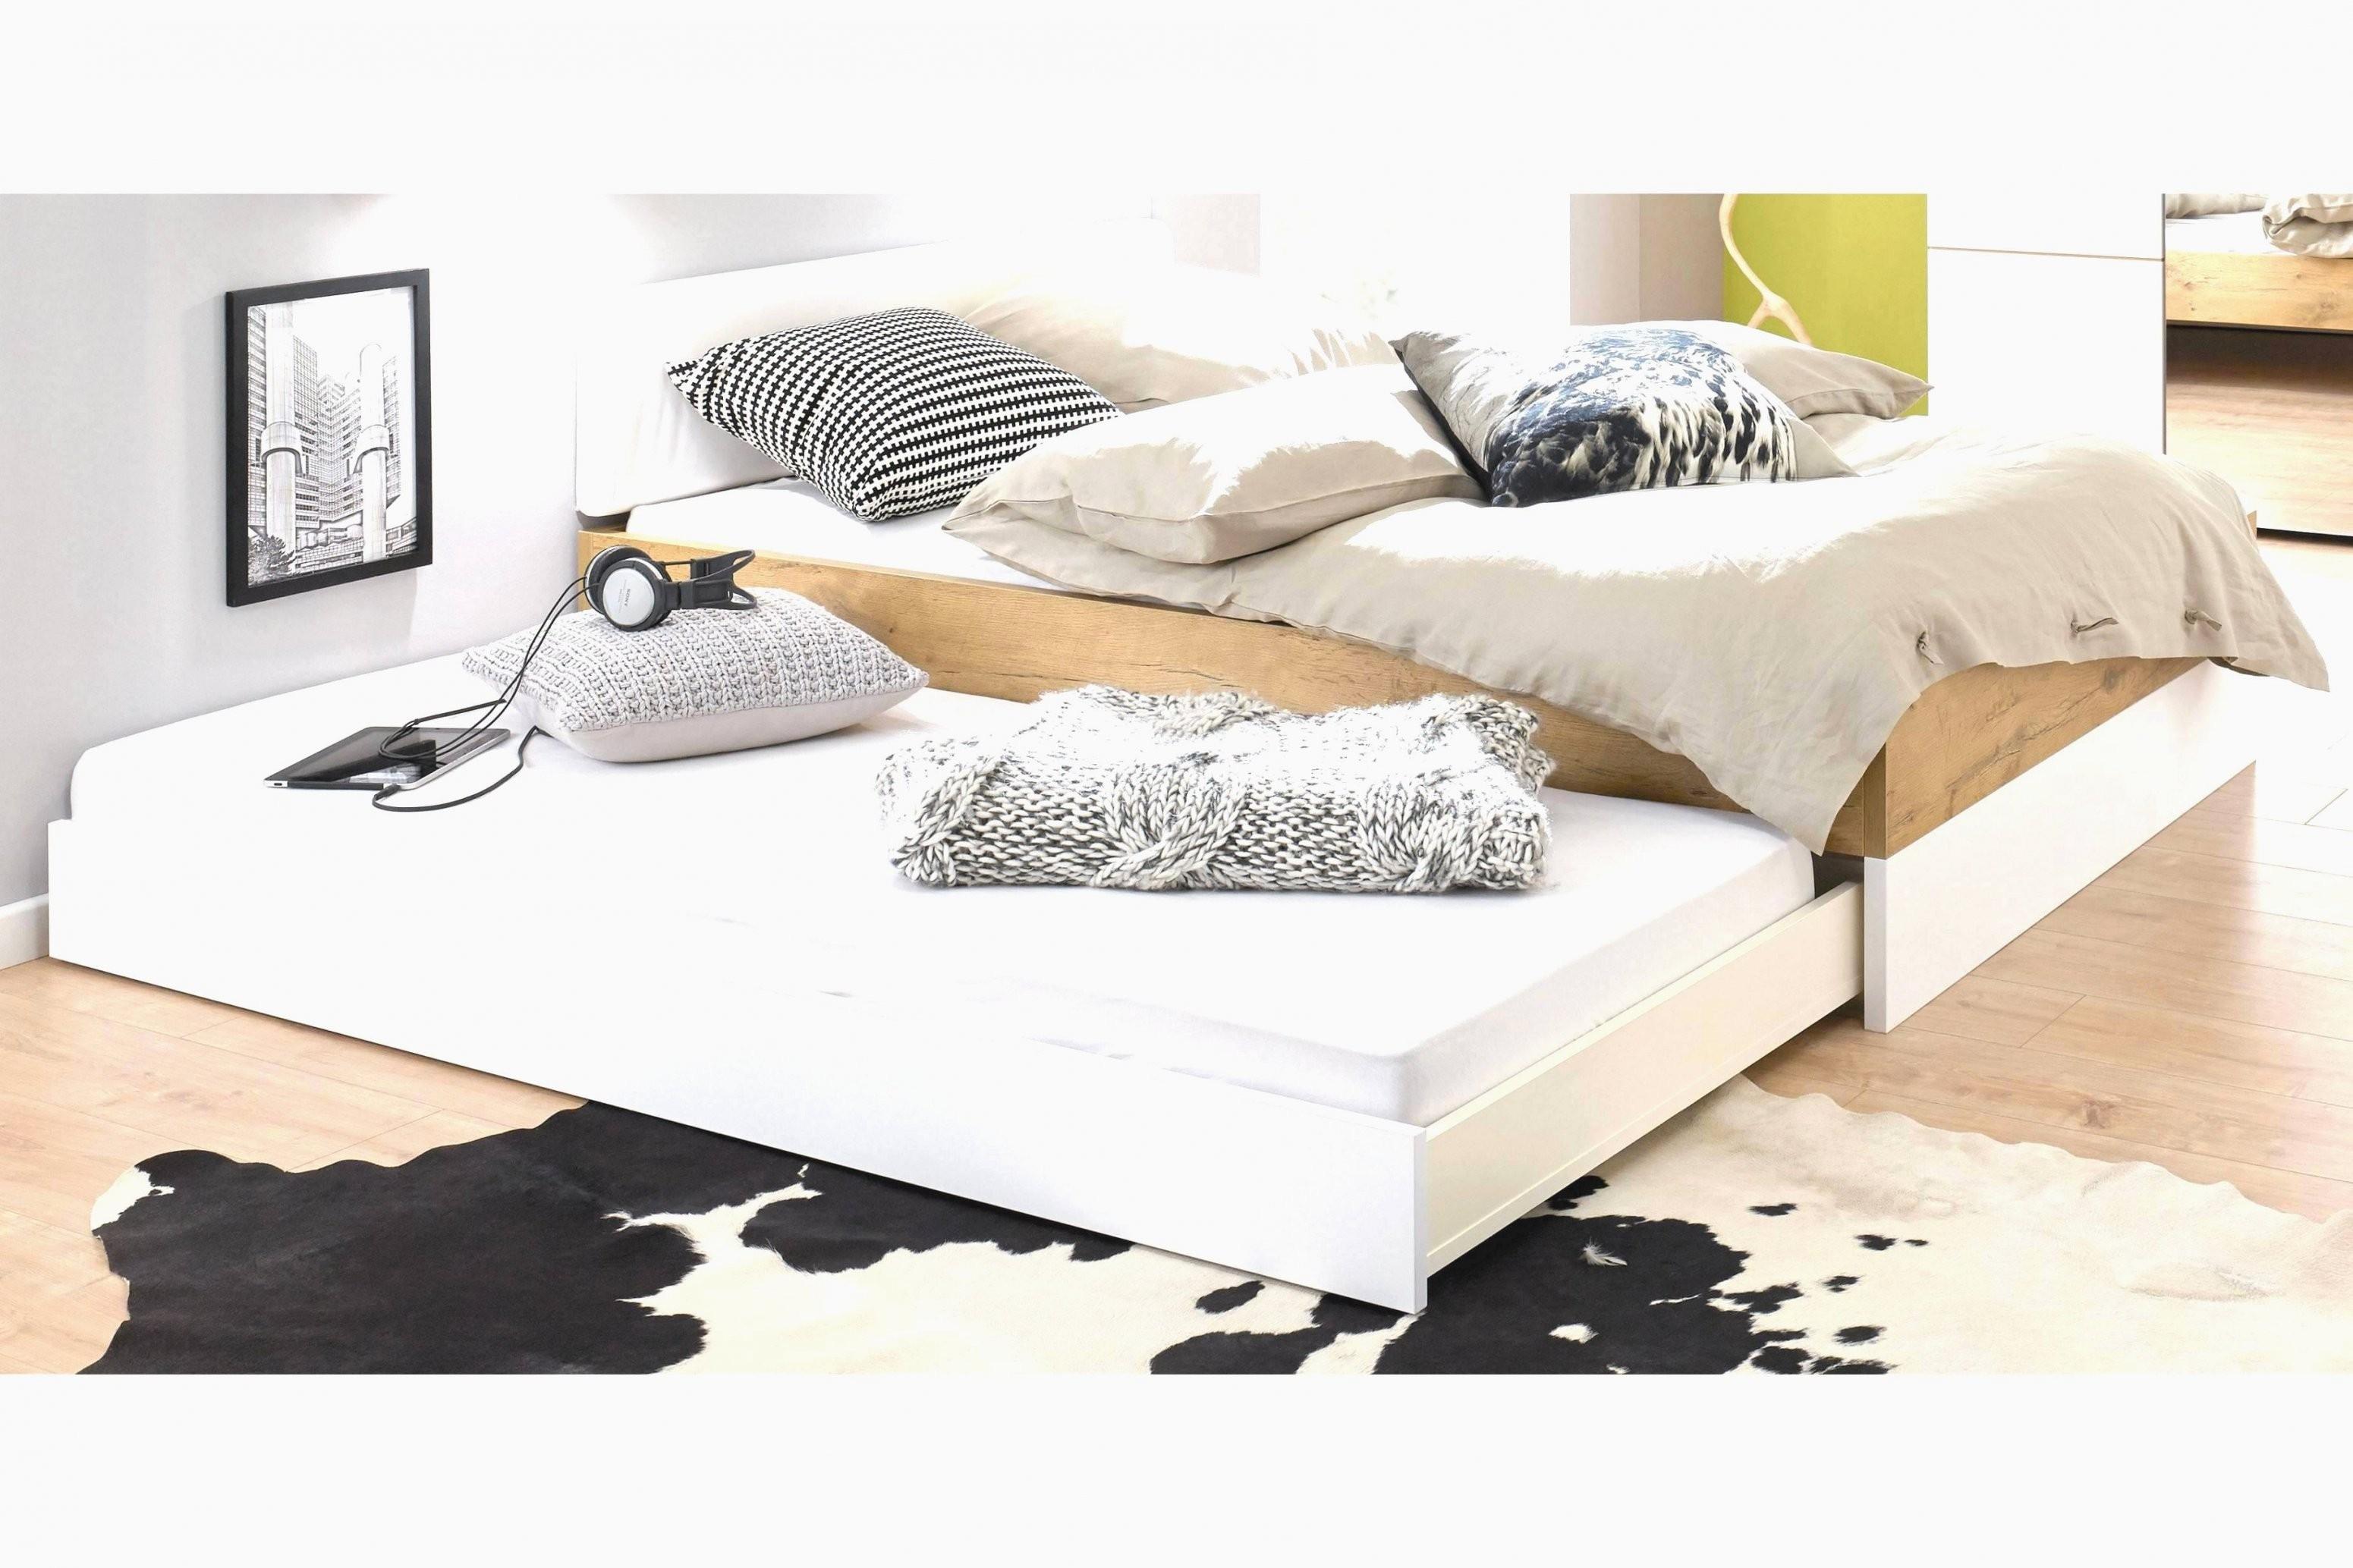 Bettgestell 140X200 Holz Inspirierend Das Beste Von 31 Bett 140X200 von Bettgestell 140X200 Weiß Holz Photo